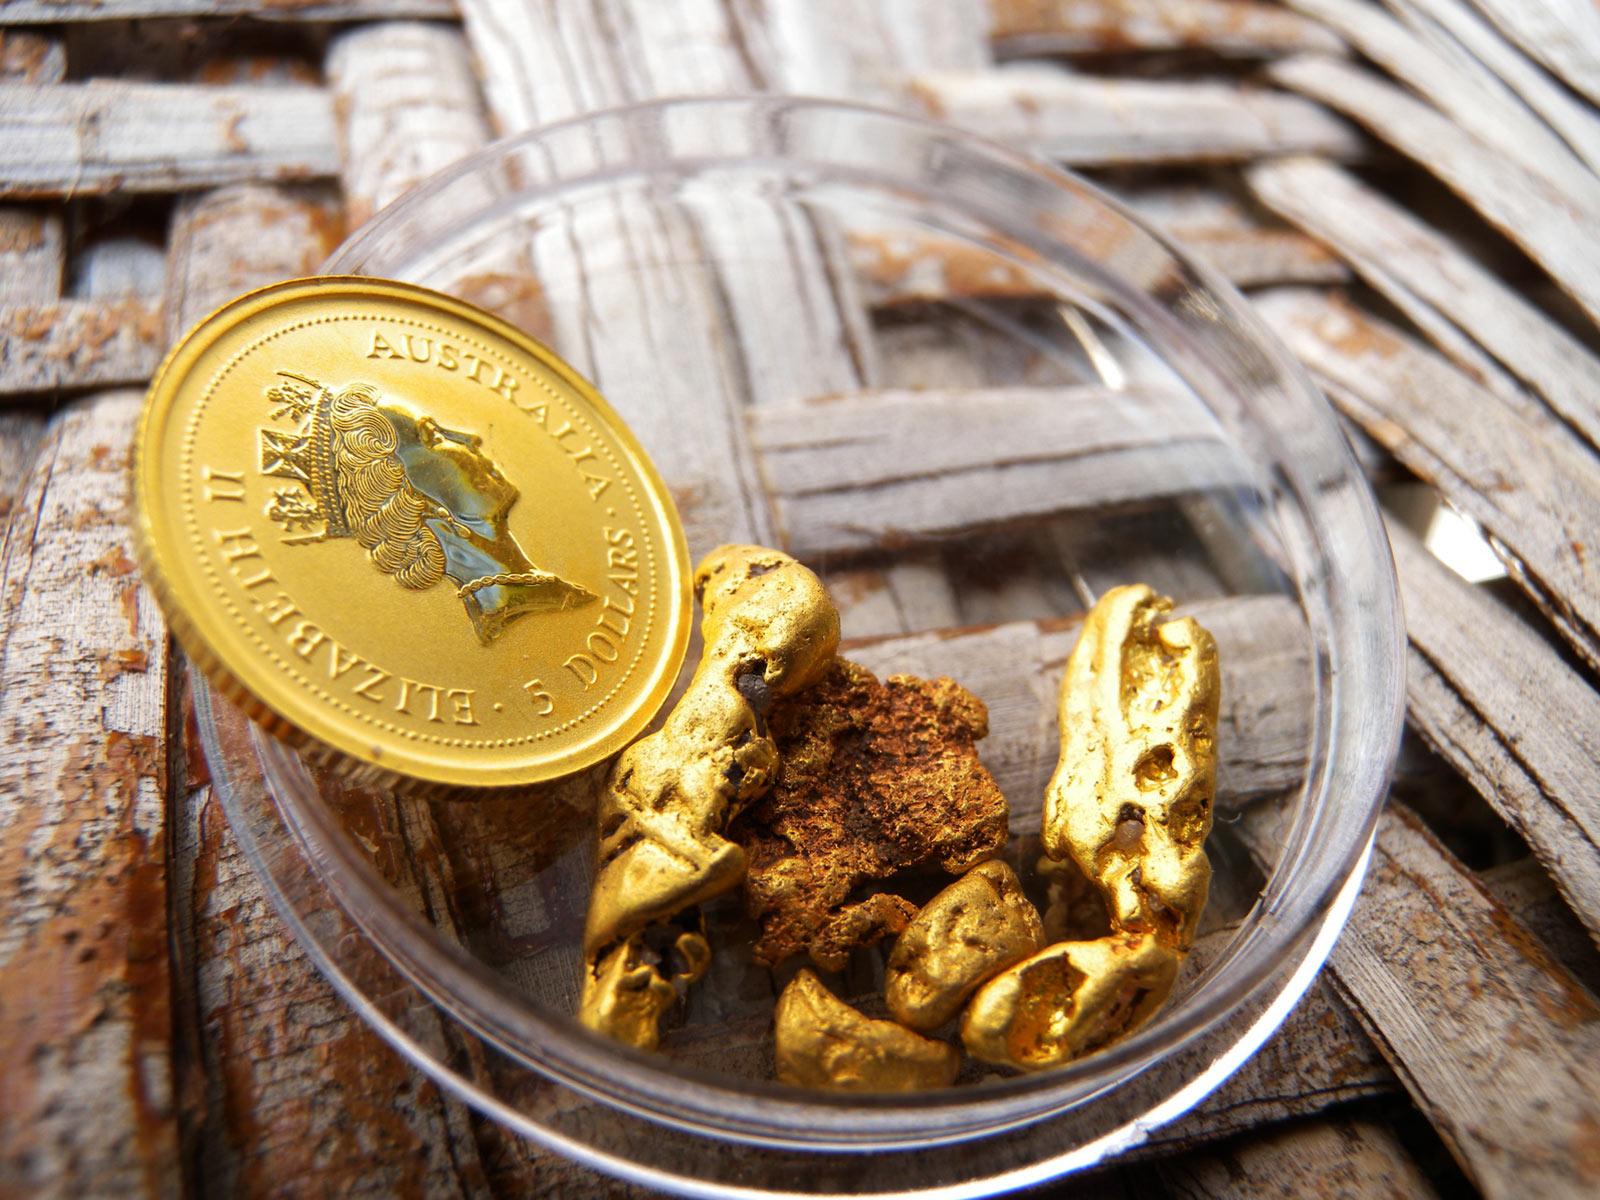 ゴールドナゲットと金貨